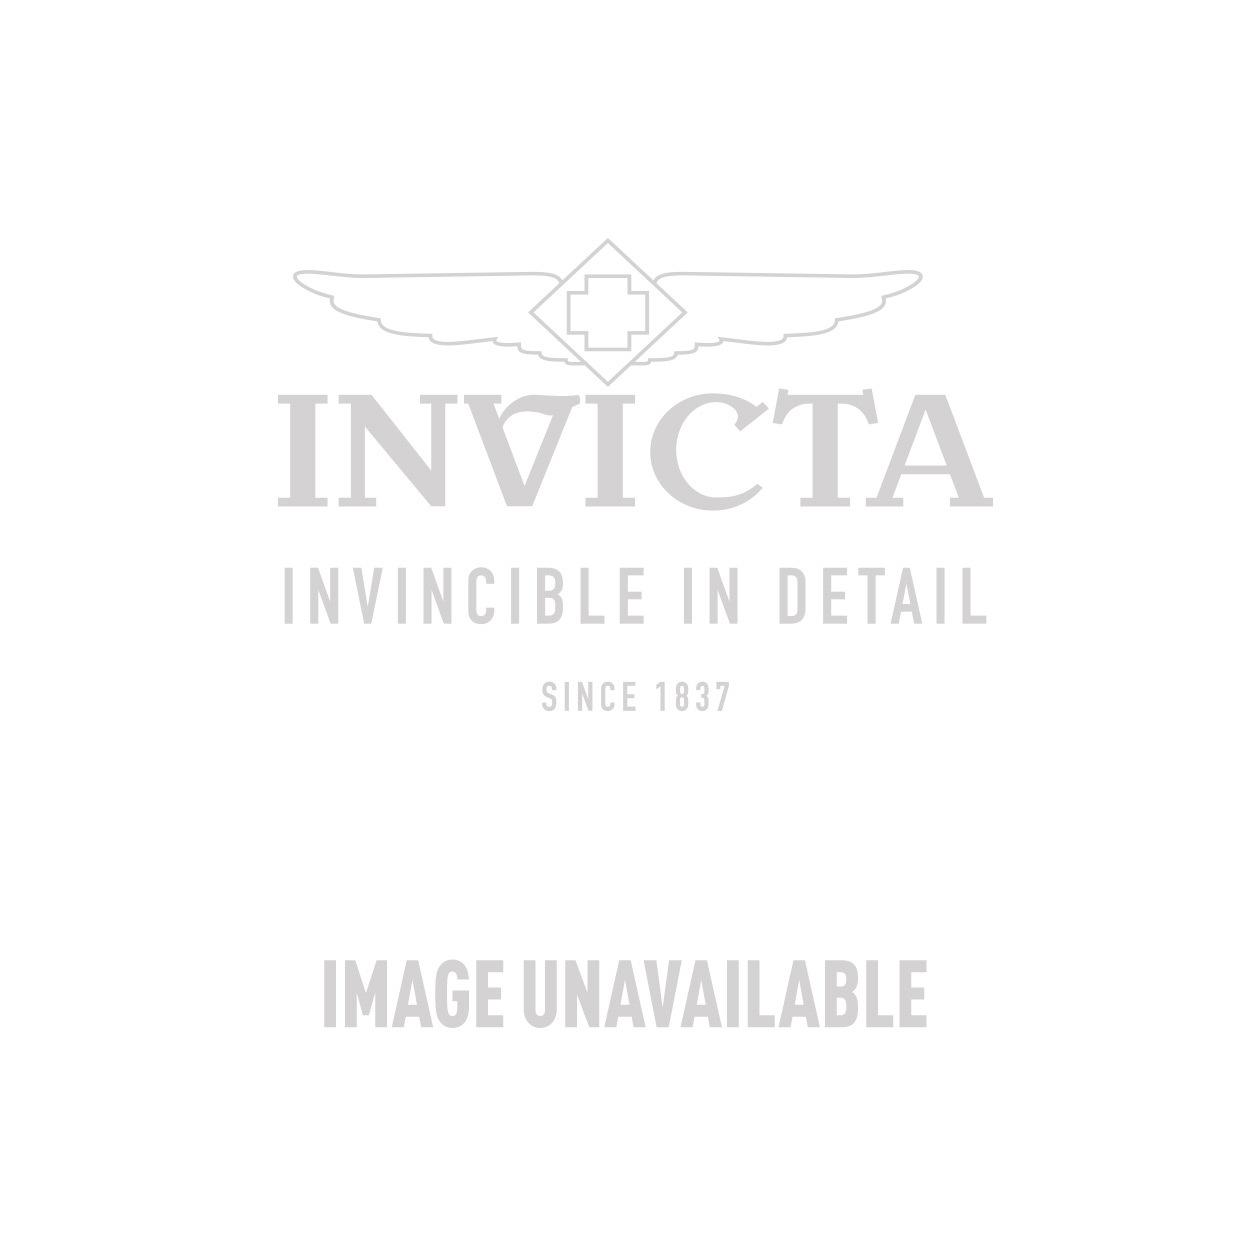 Invicta Model 28028